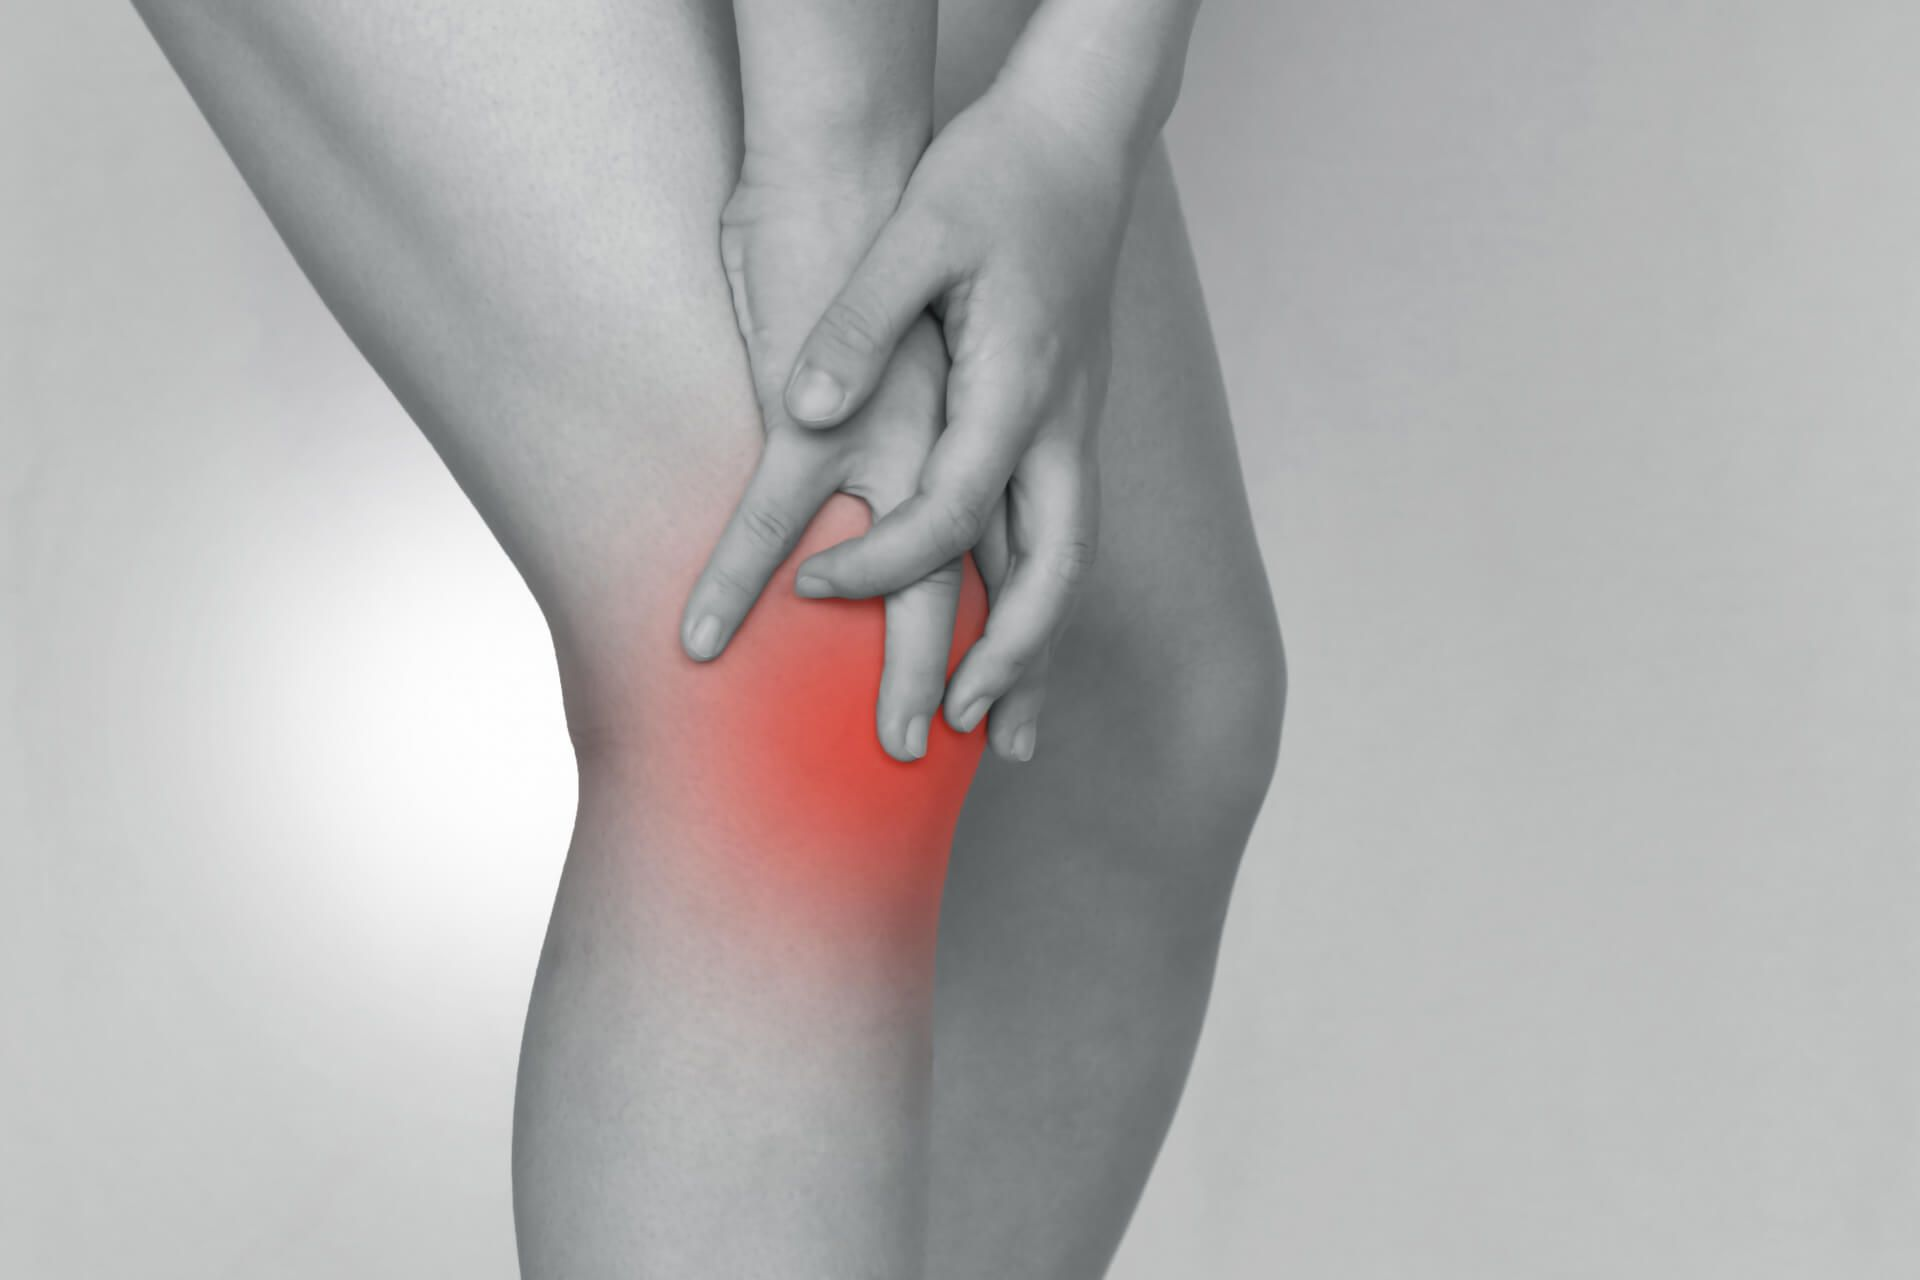 ランニングで膝の痛みが発生する理由と改善方法 膝 膝の痛み